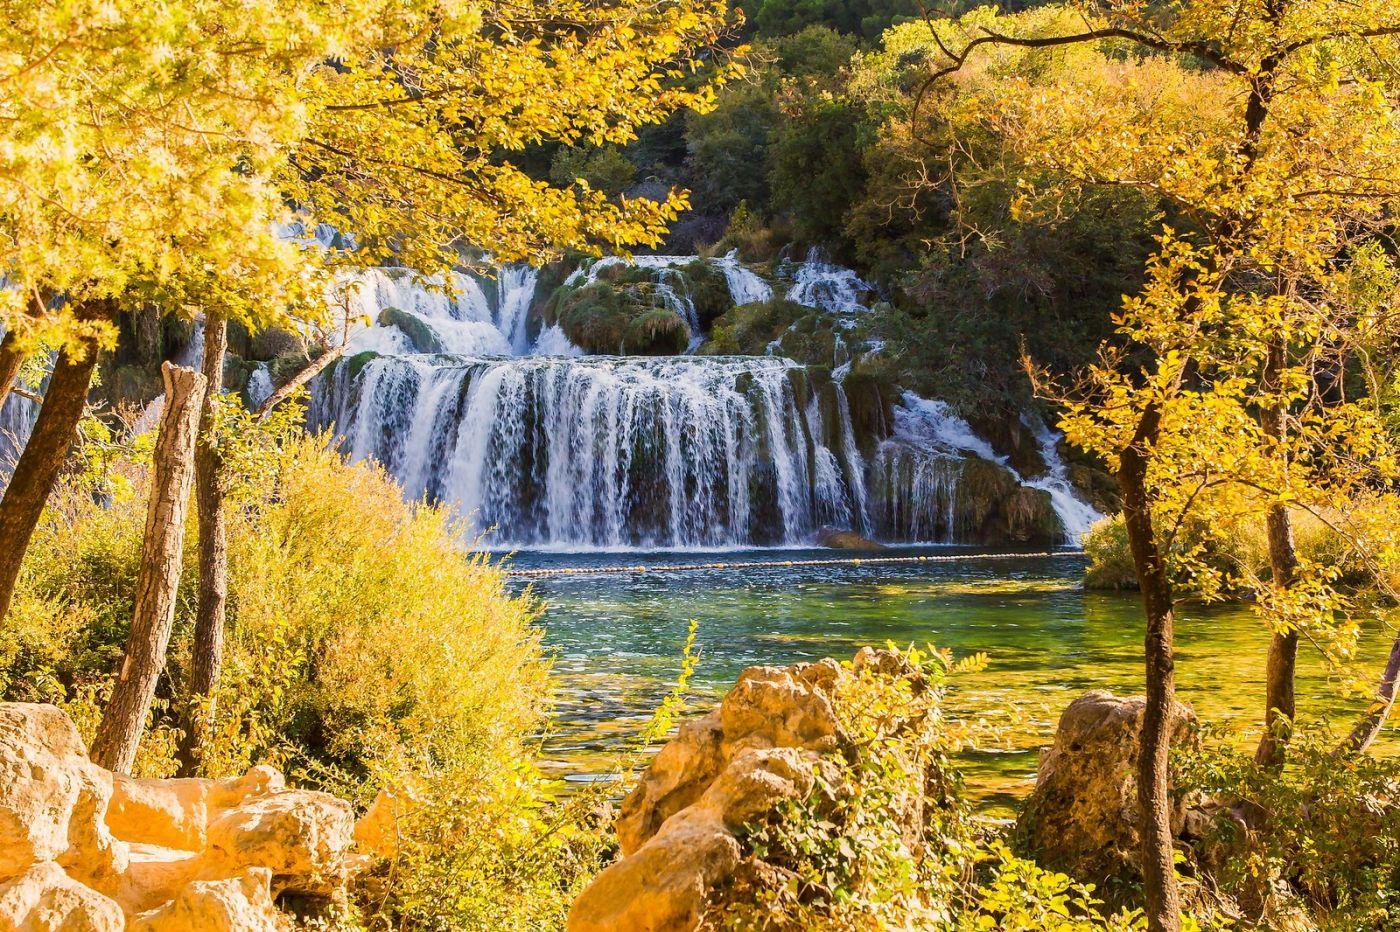 克罗地亚克尔卡国家公园(Krka National Park),瀑布瀑布瀑布_图1-18